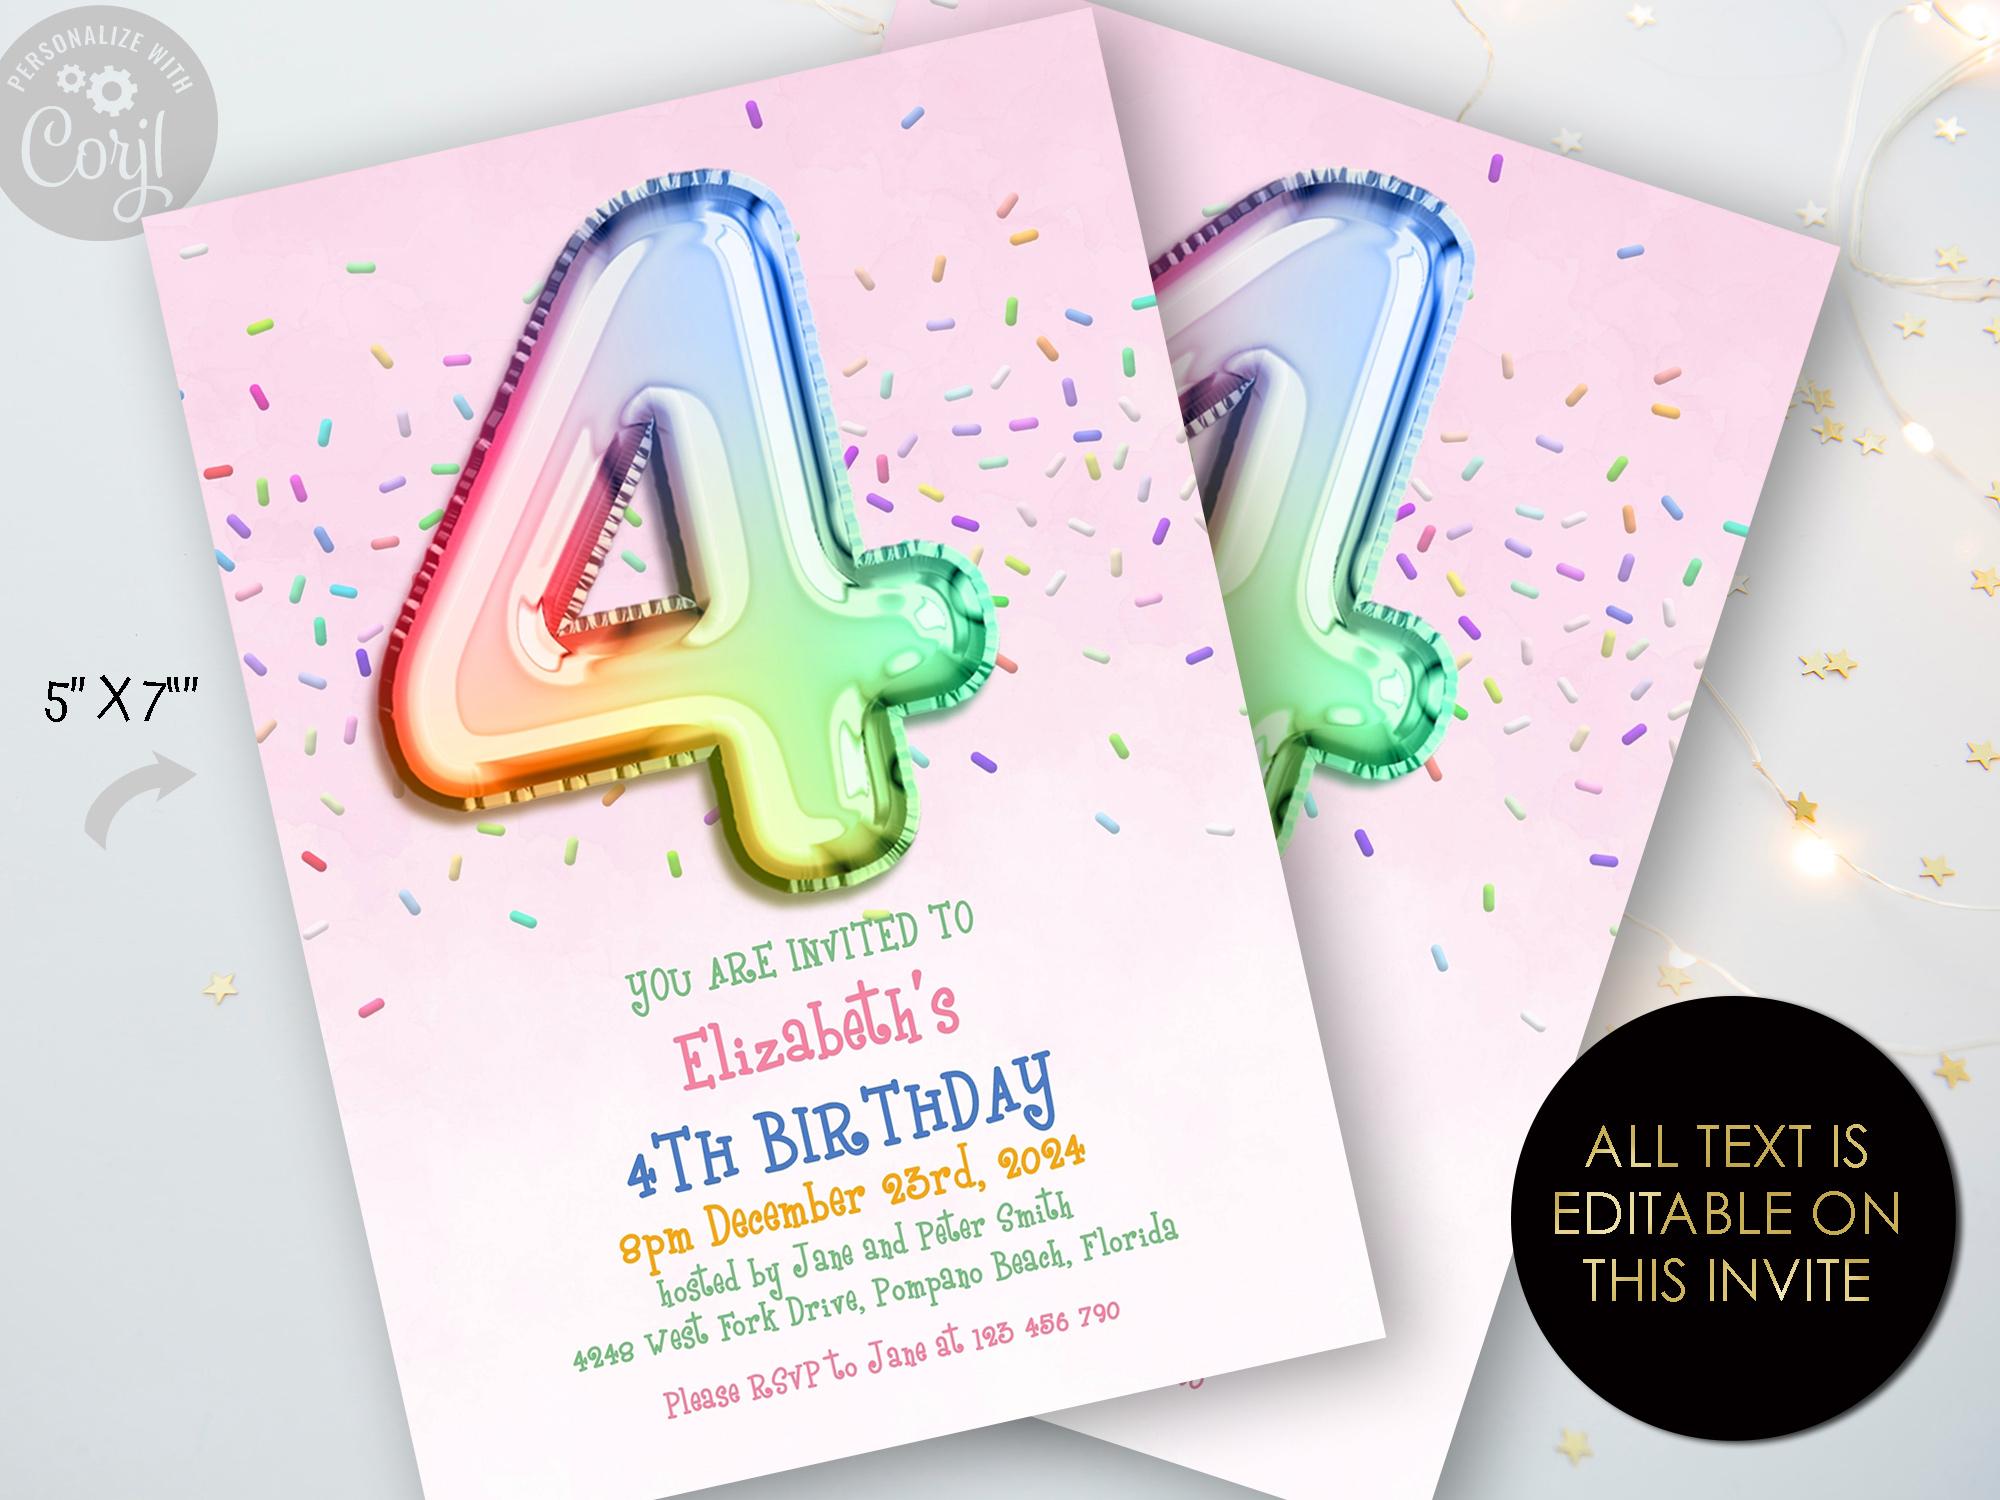 4 balloon2